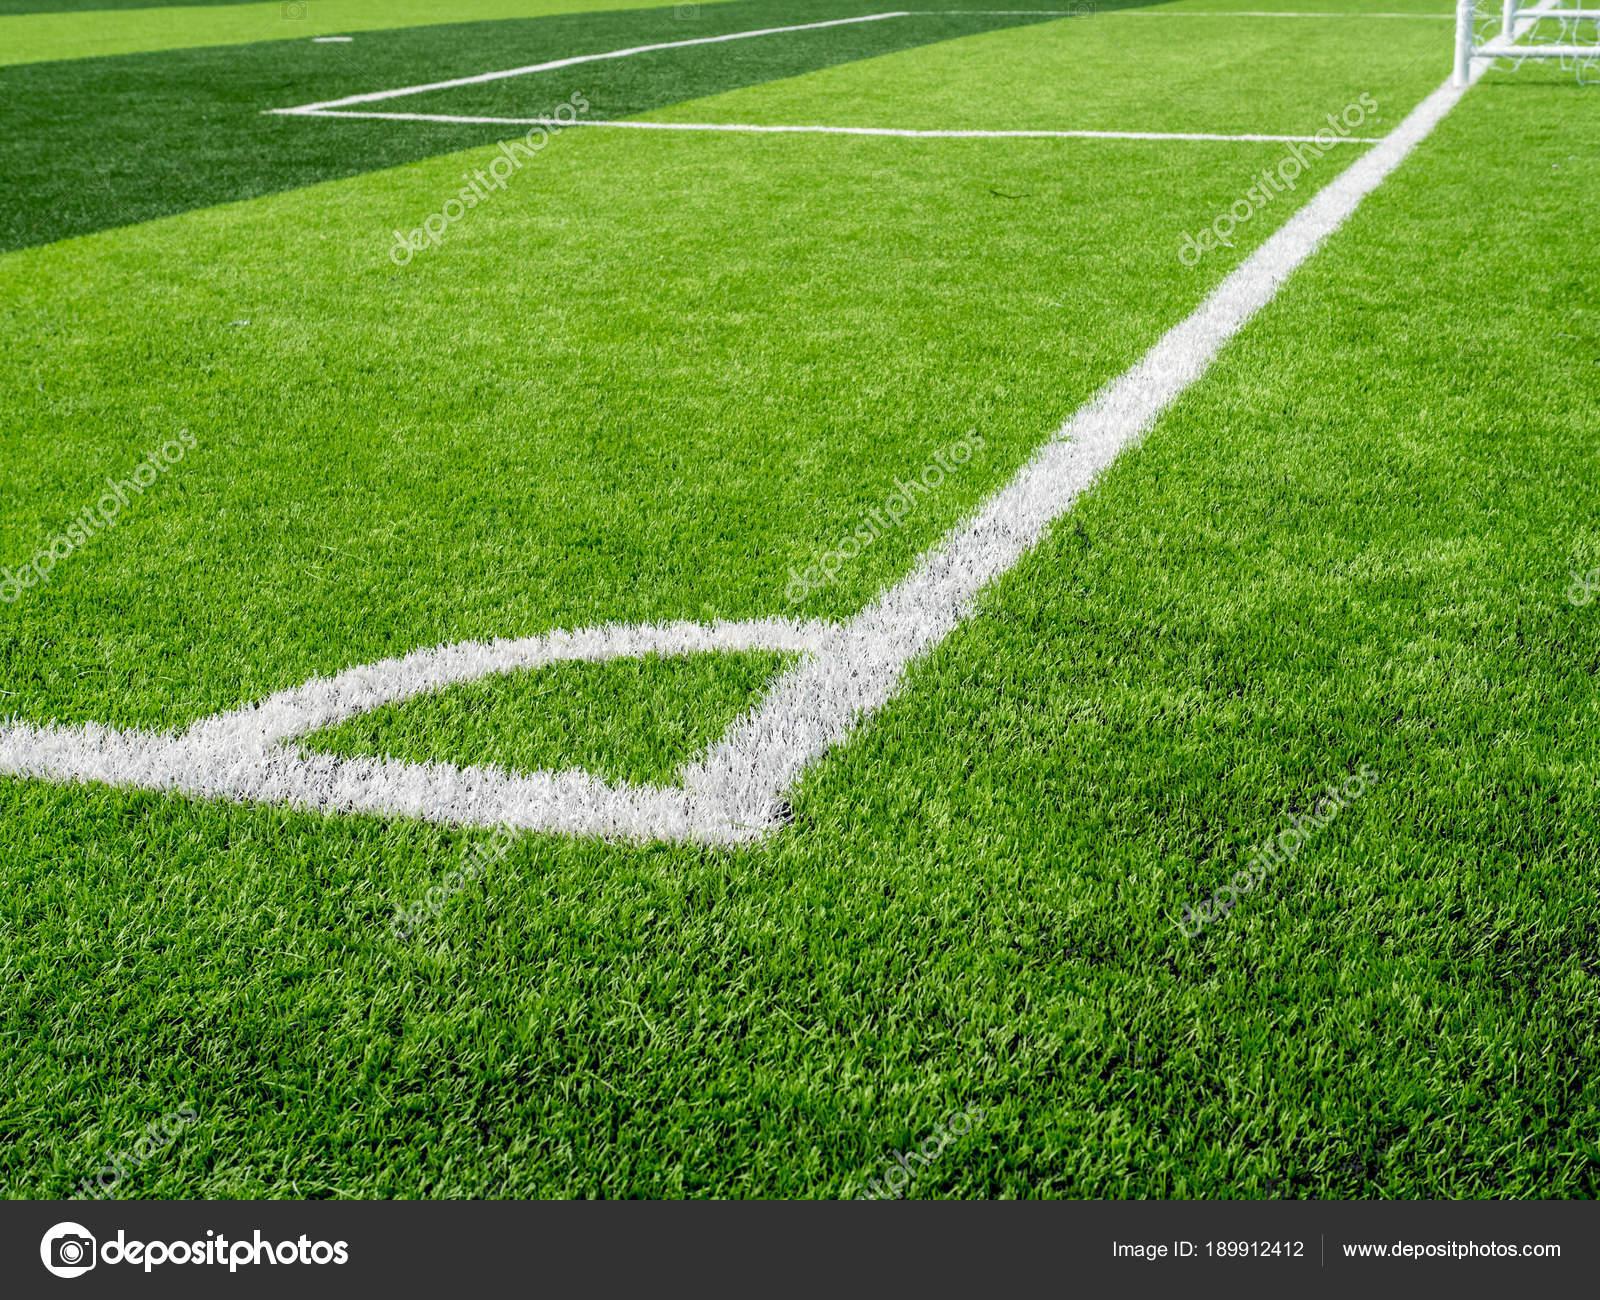 Με δικό της γήπεδο η ΕΠΣ Λάρισας